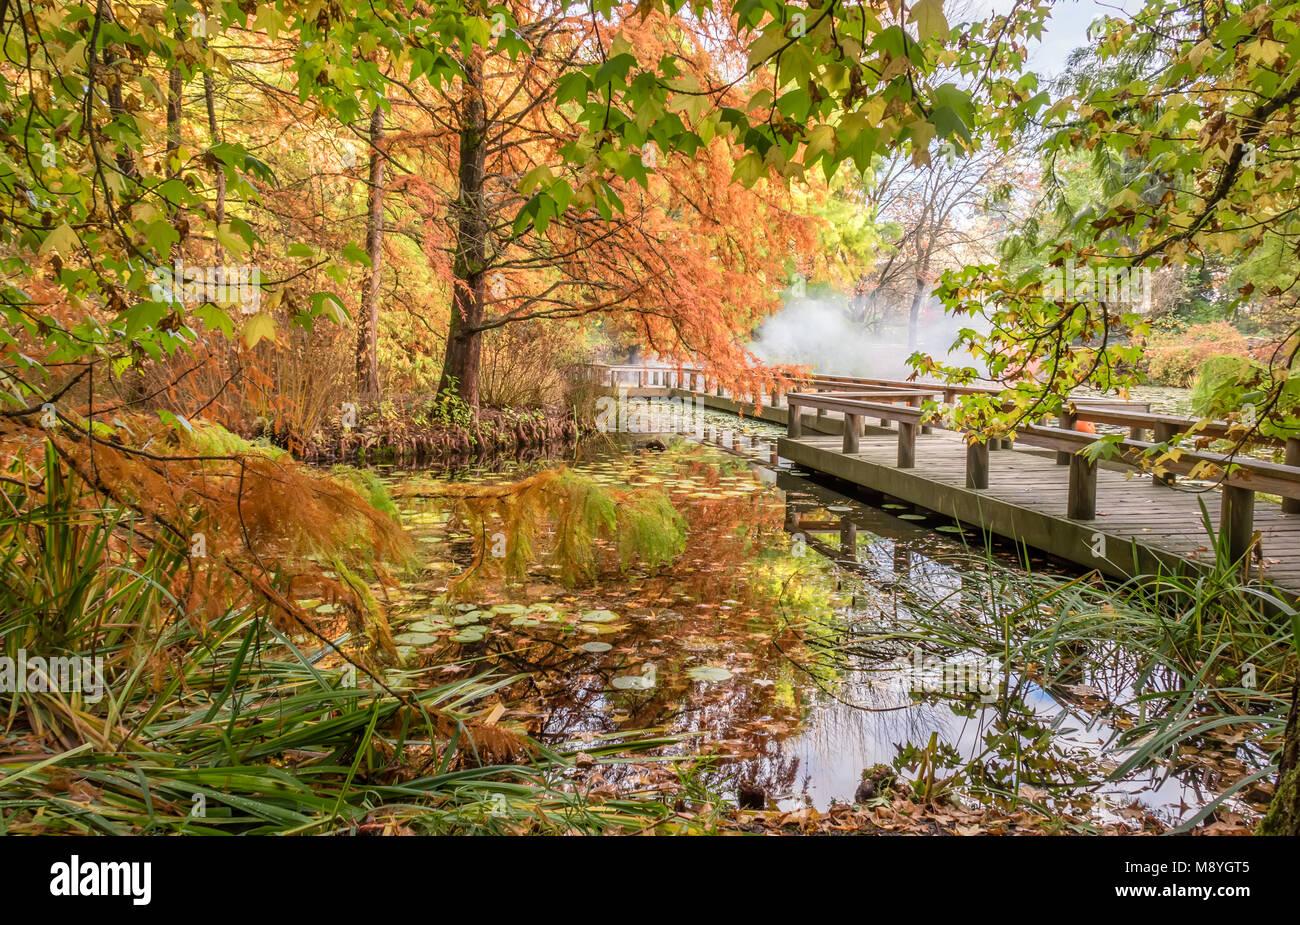 Wooden pond bridge stock photos wooden pond bridge stock for Koi pond kelowna